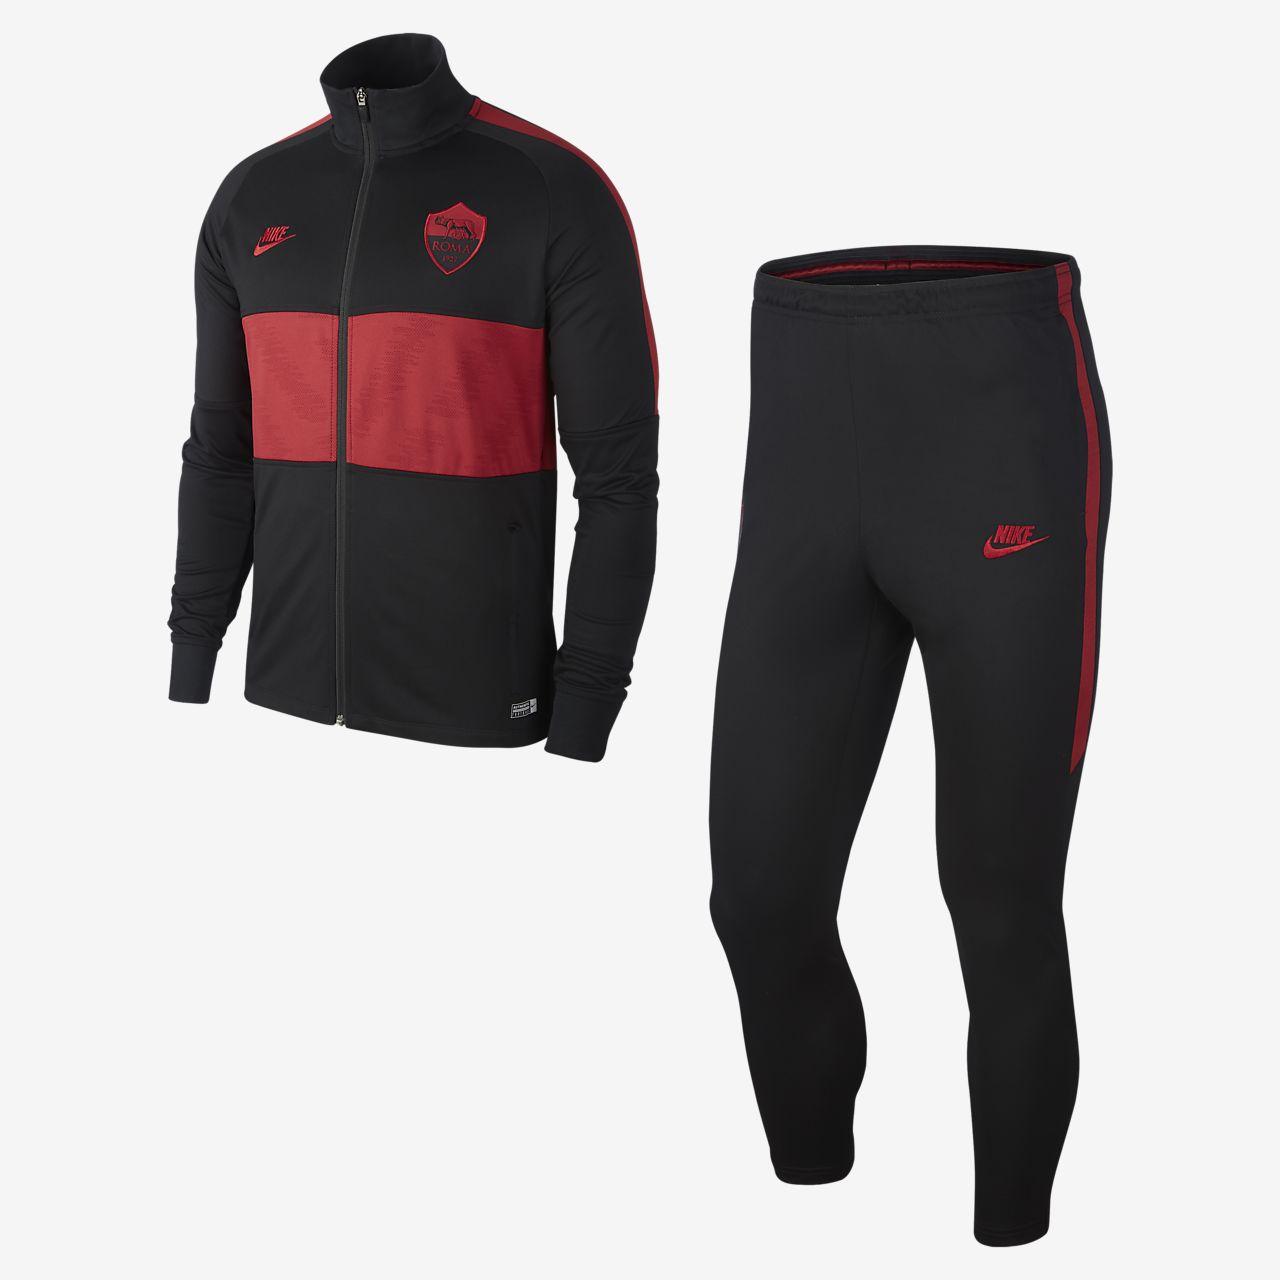 A.S. Roma Strike-fodboldtræningsdragt til mænd